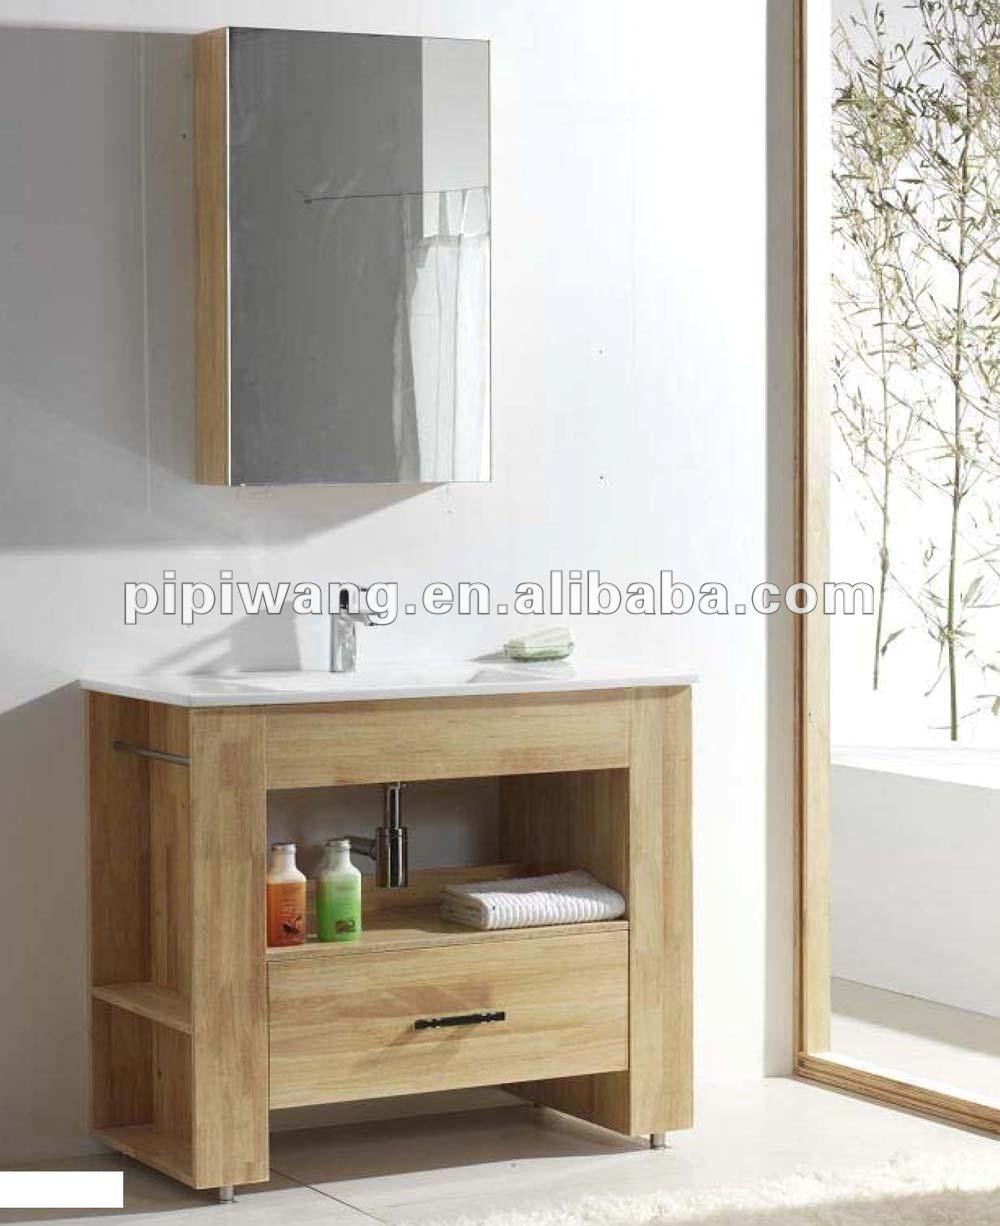 catlogo de fabricantes de muebles de bao de teca de alta calidad y muebles de bao de teca en alibabacom